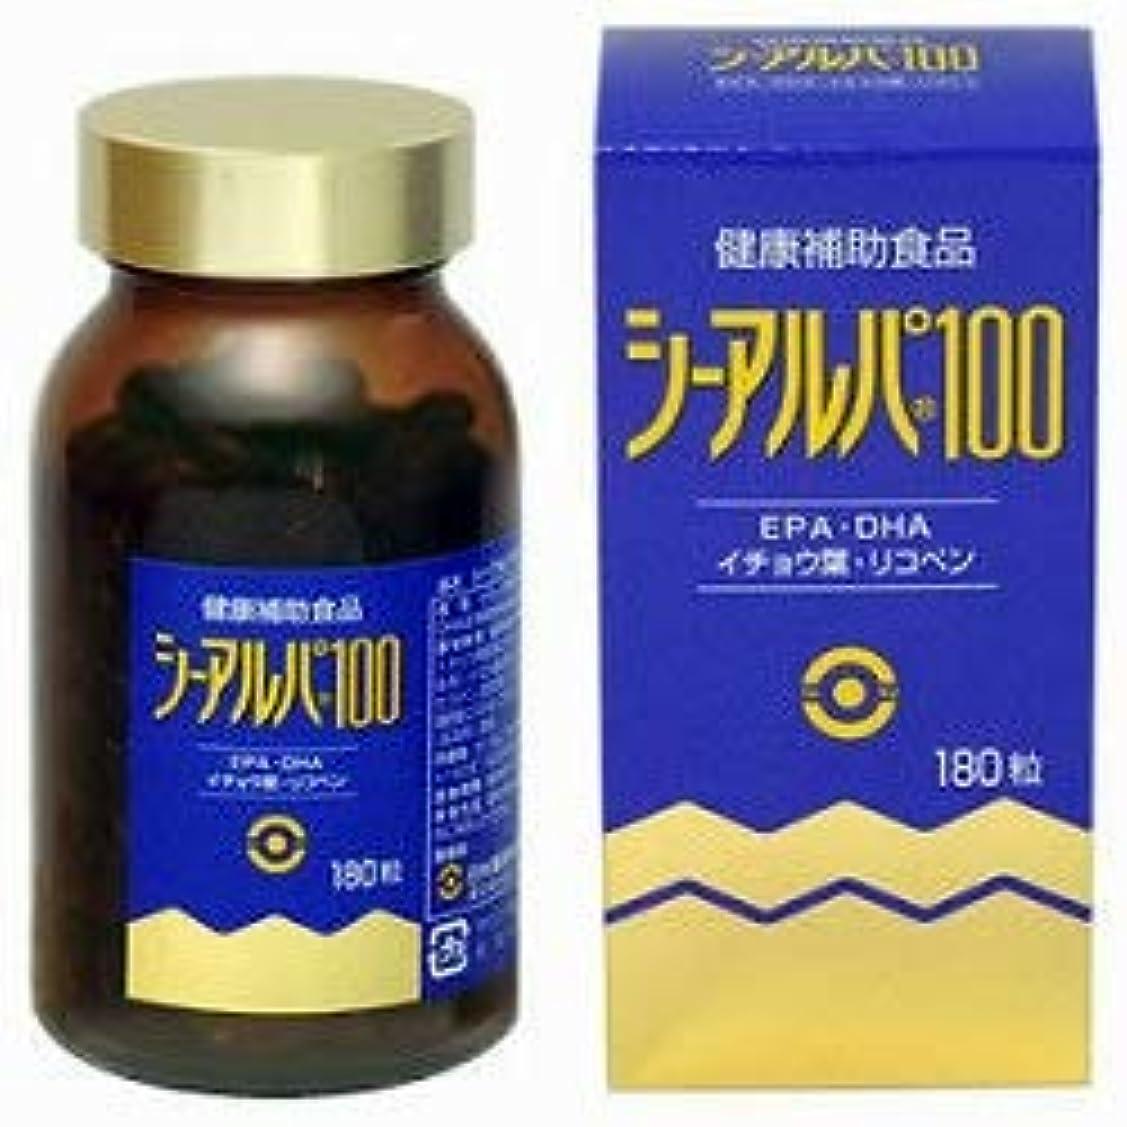 聖人秀でる喜び【日水製薬】シーアルパ100 180粒